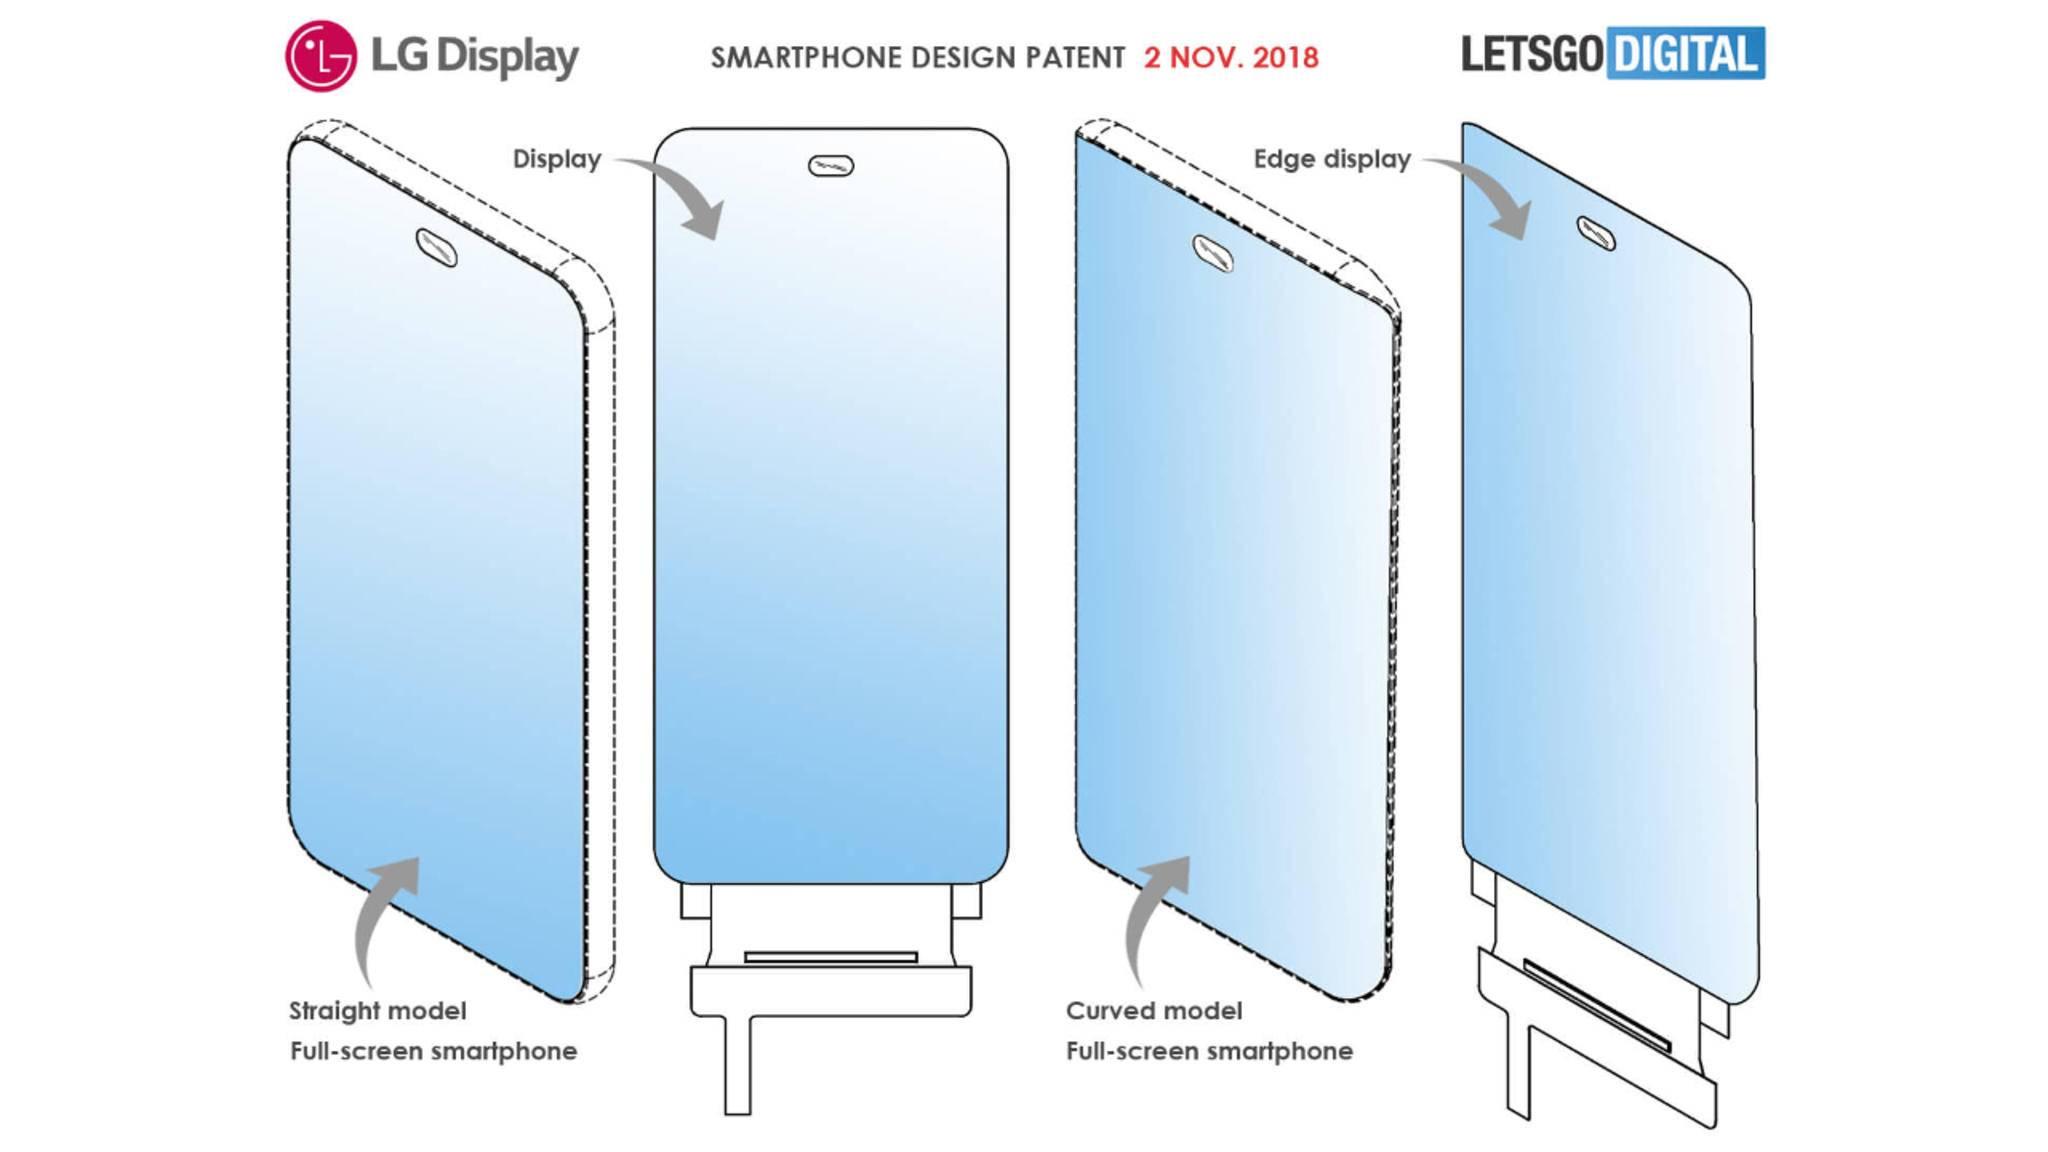 Ein möglicher Nachfolger des LG G7 ThinQ bietet ein komplett randloses Display.